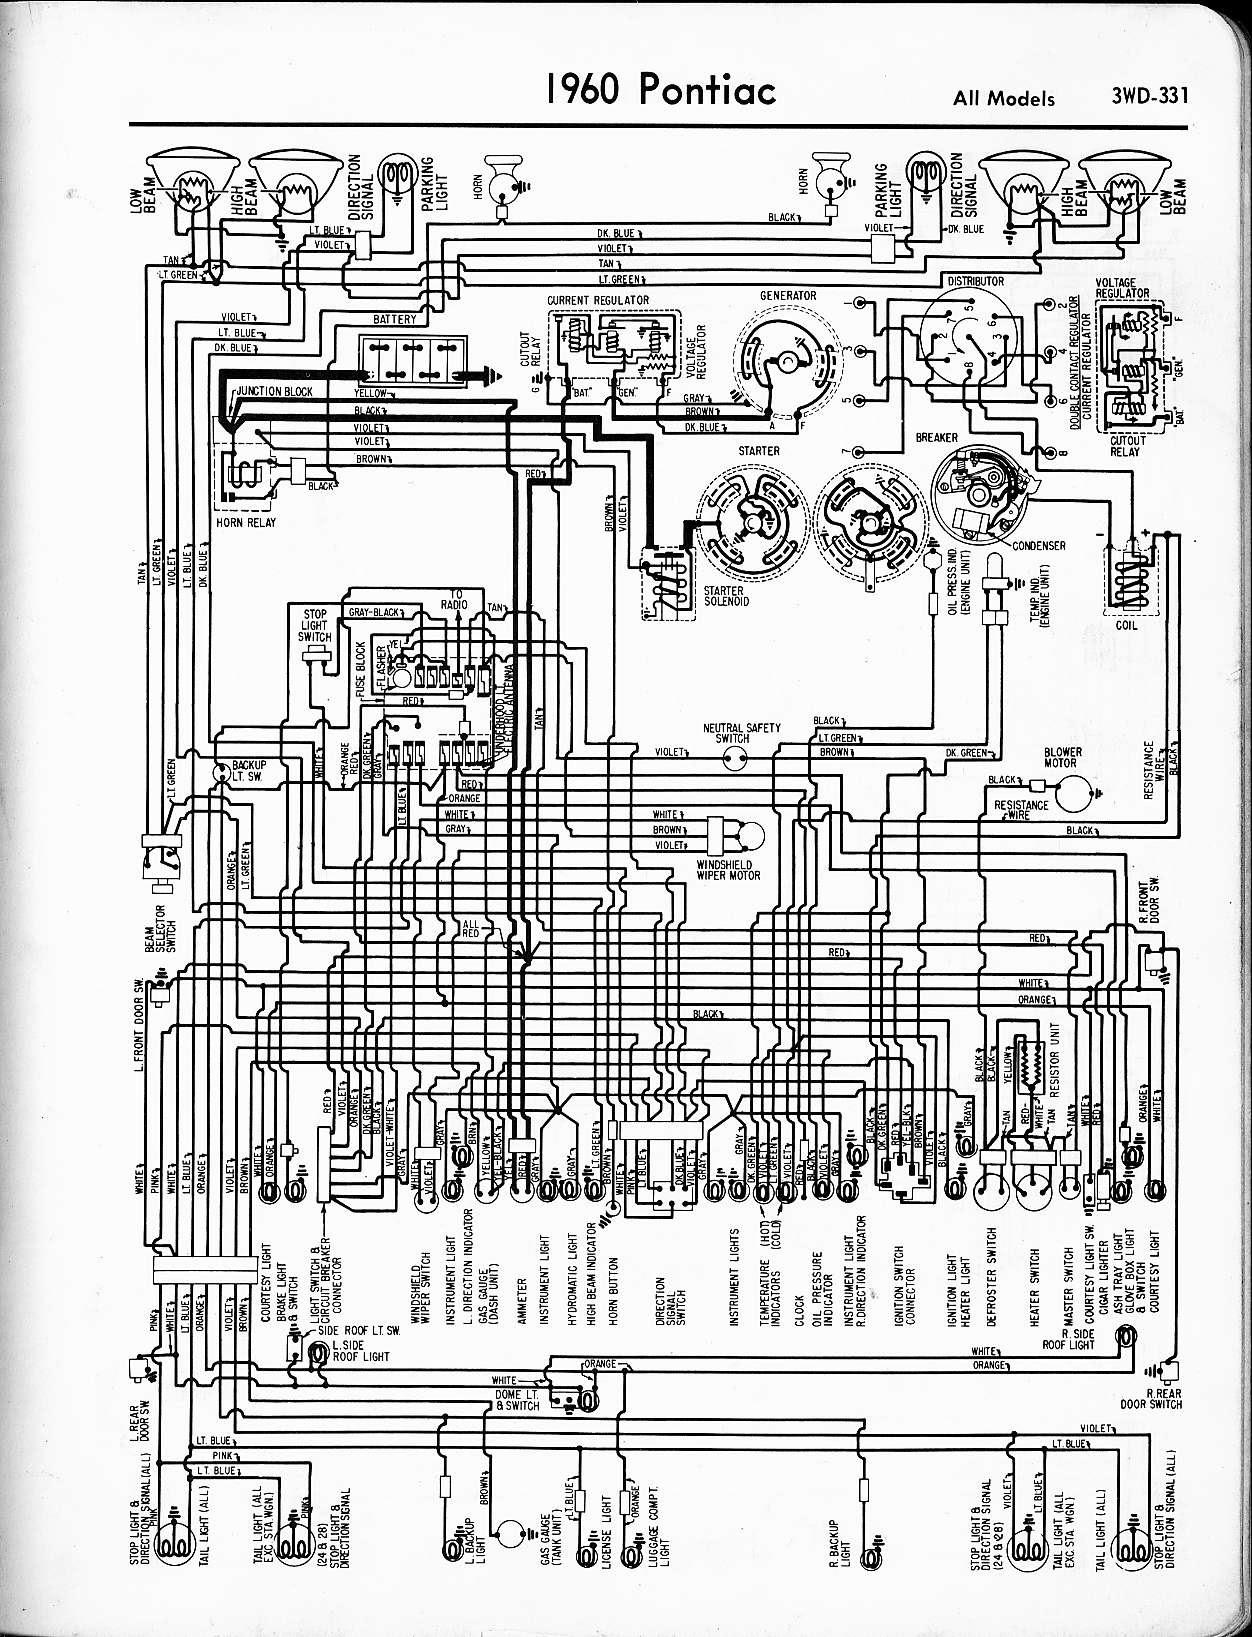 1960 Pontiac Wiring Diagram Wiring Diagram Motor Motor Frankmotors Es